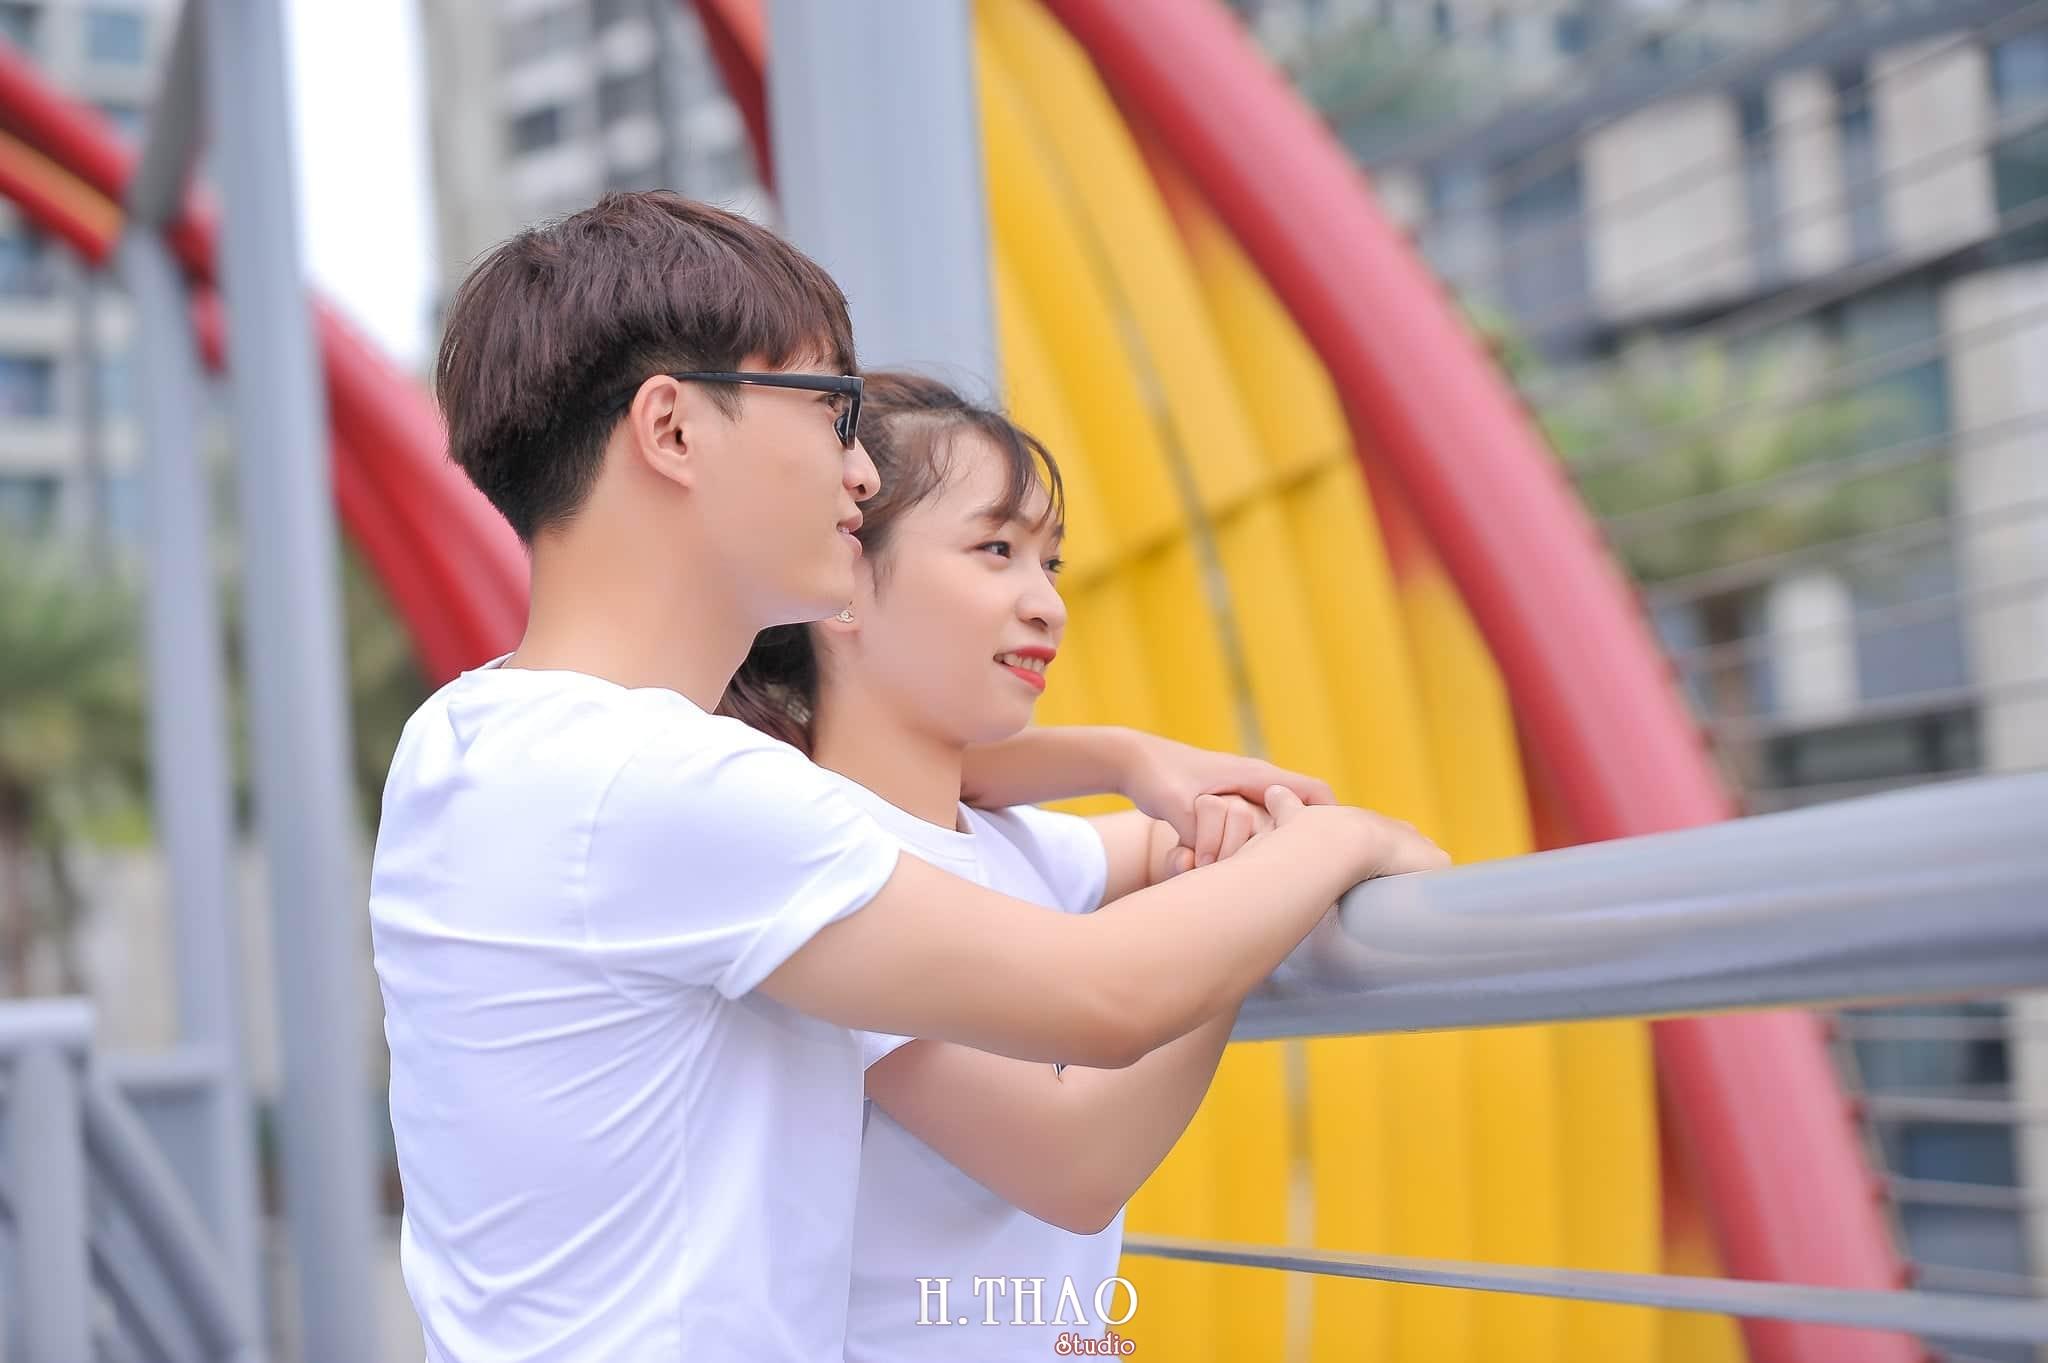 Anh couple sieu de thuong 12 - Chụp ảnh Couple dễ thương tại thành phố Hồ Chí Minh